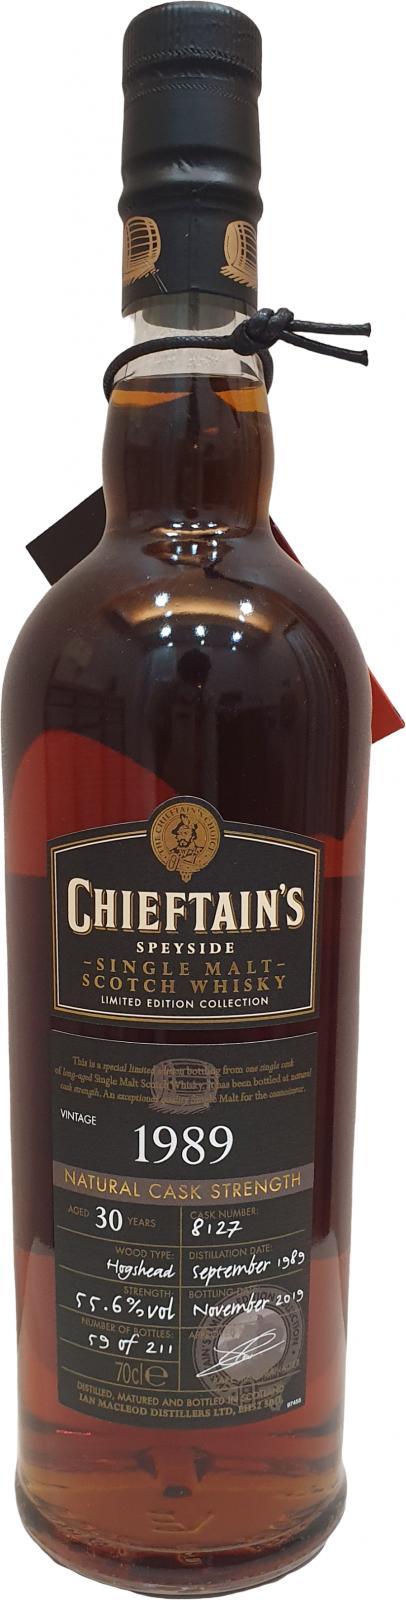 Chieftain's 1989 IM